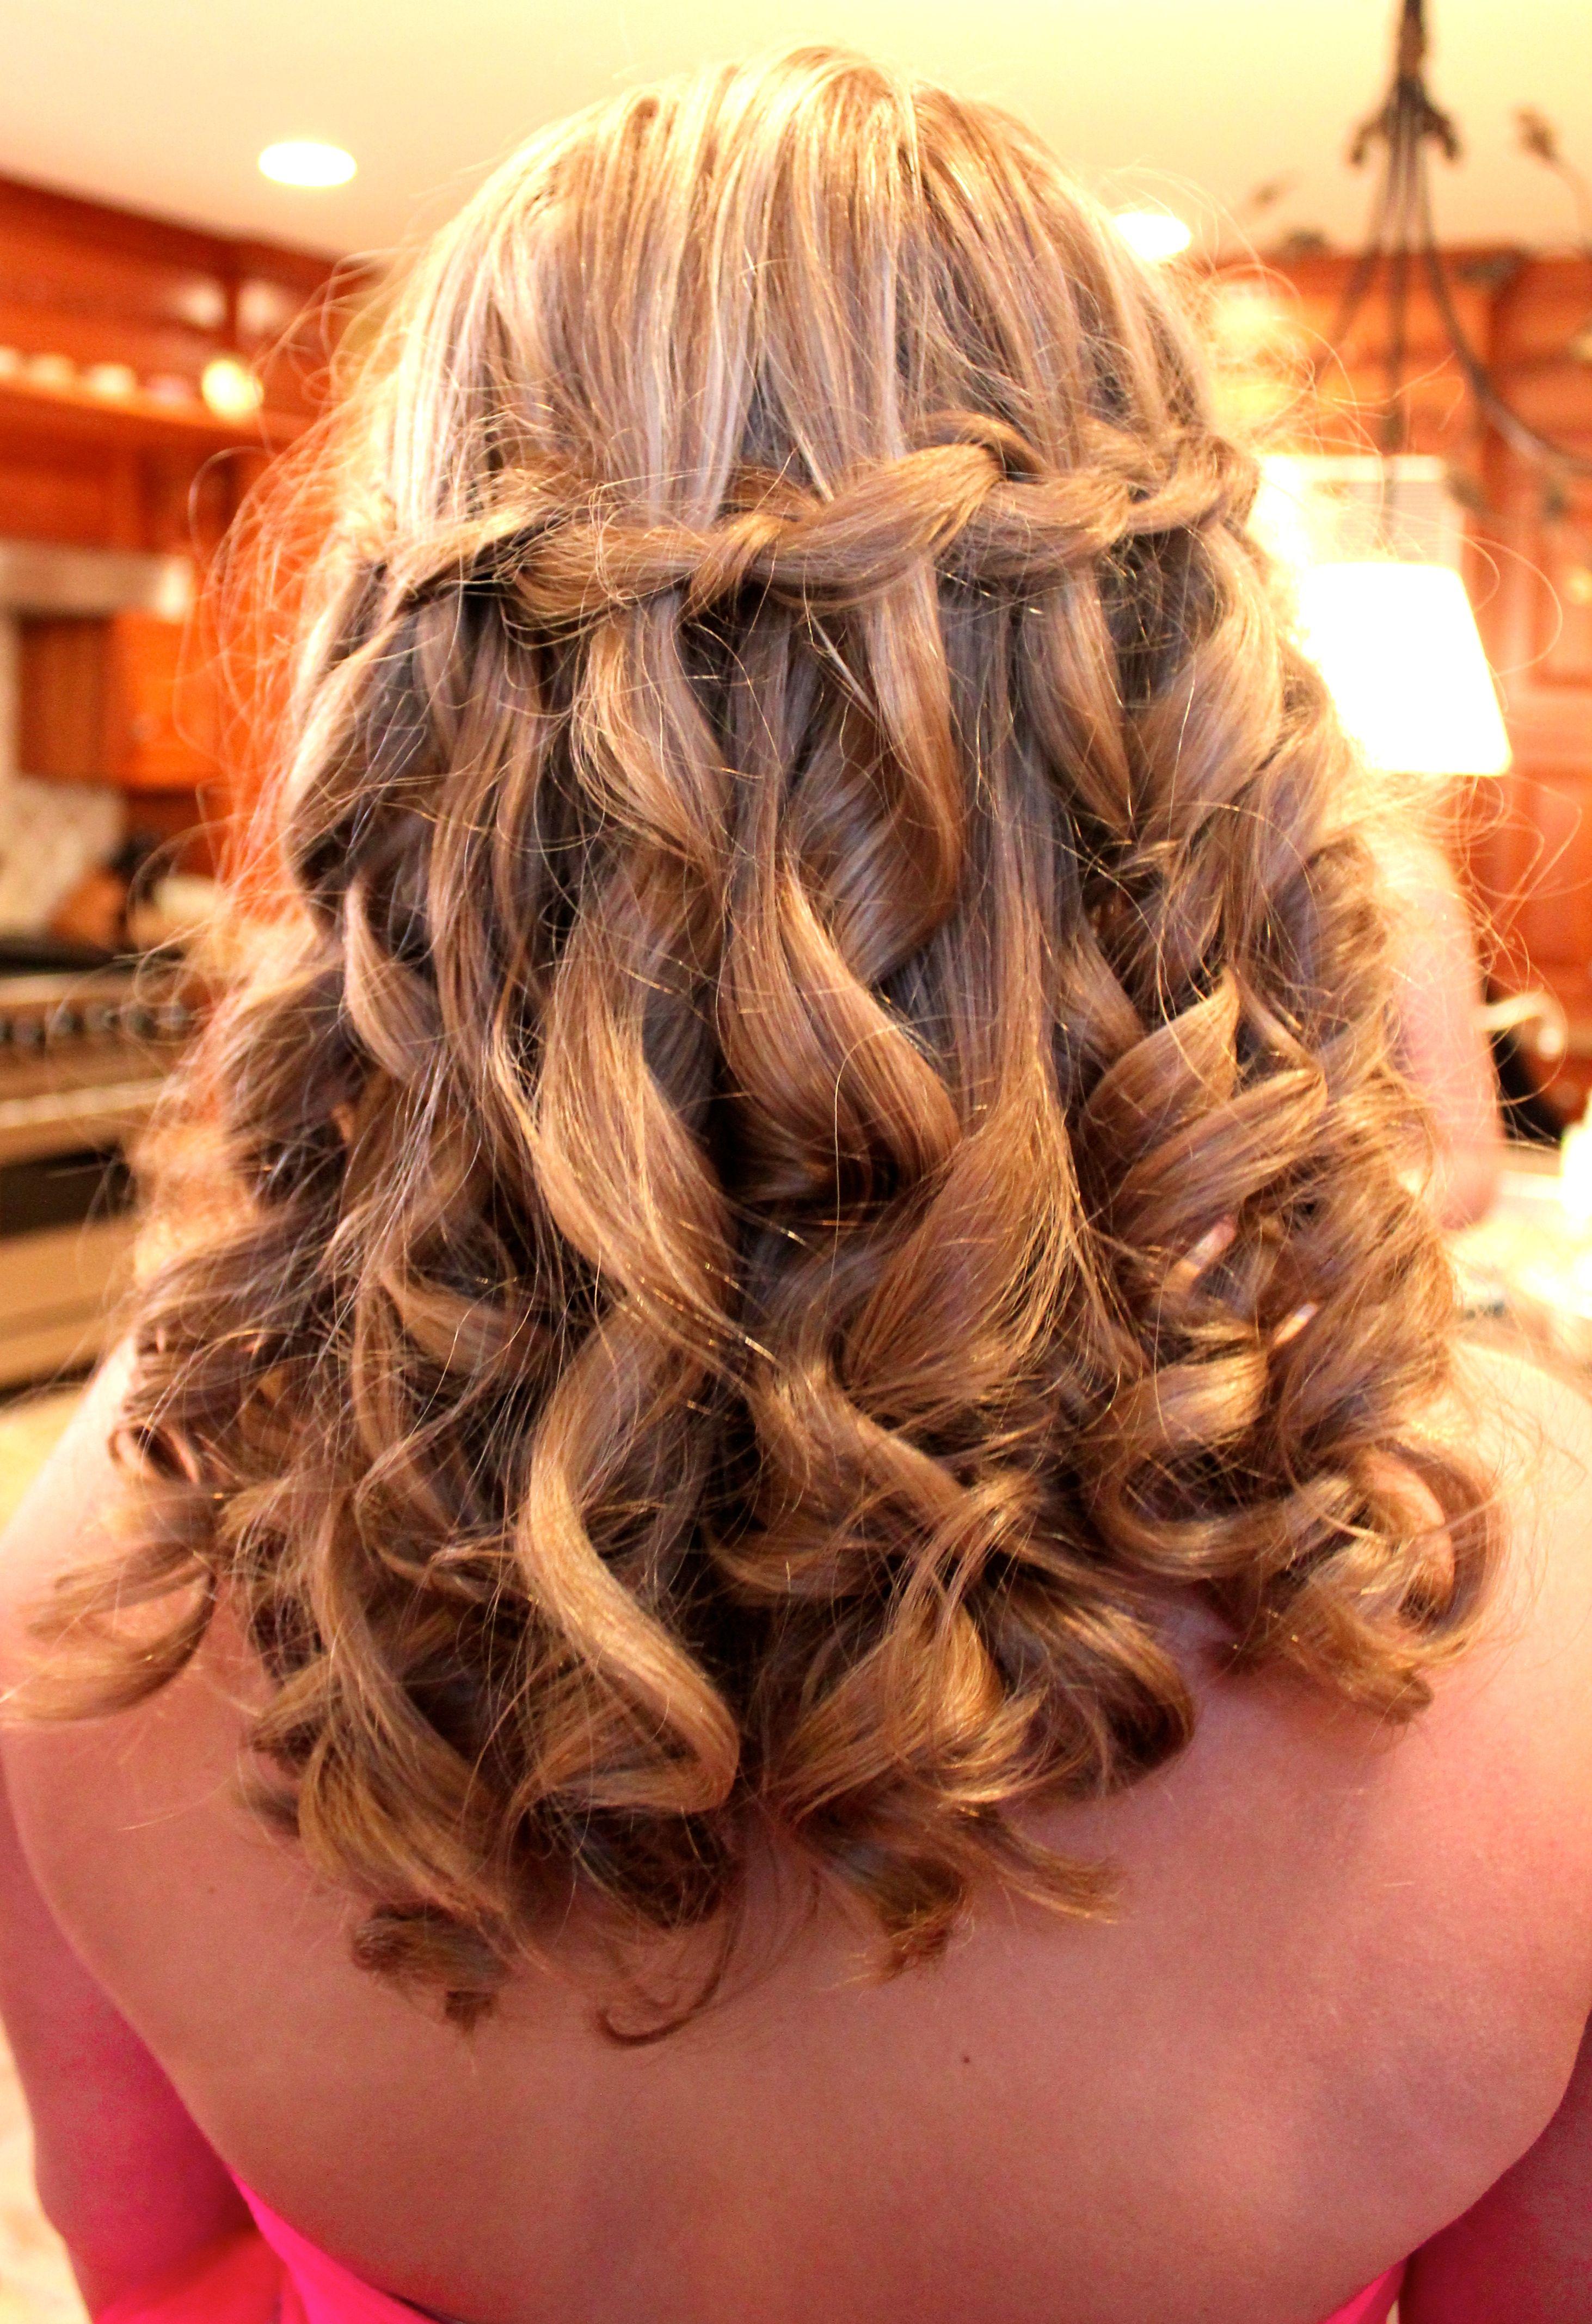 waterfall braid prom hair | Braided prom hair, Waterfall ...